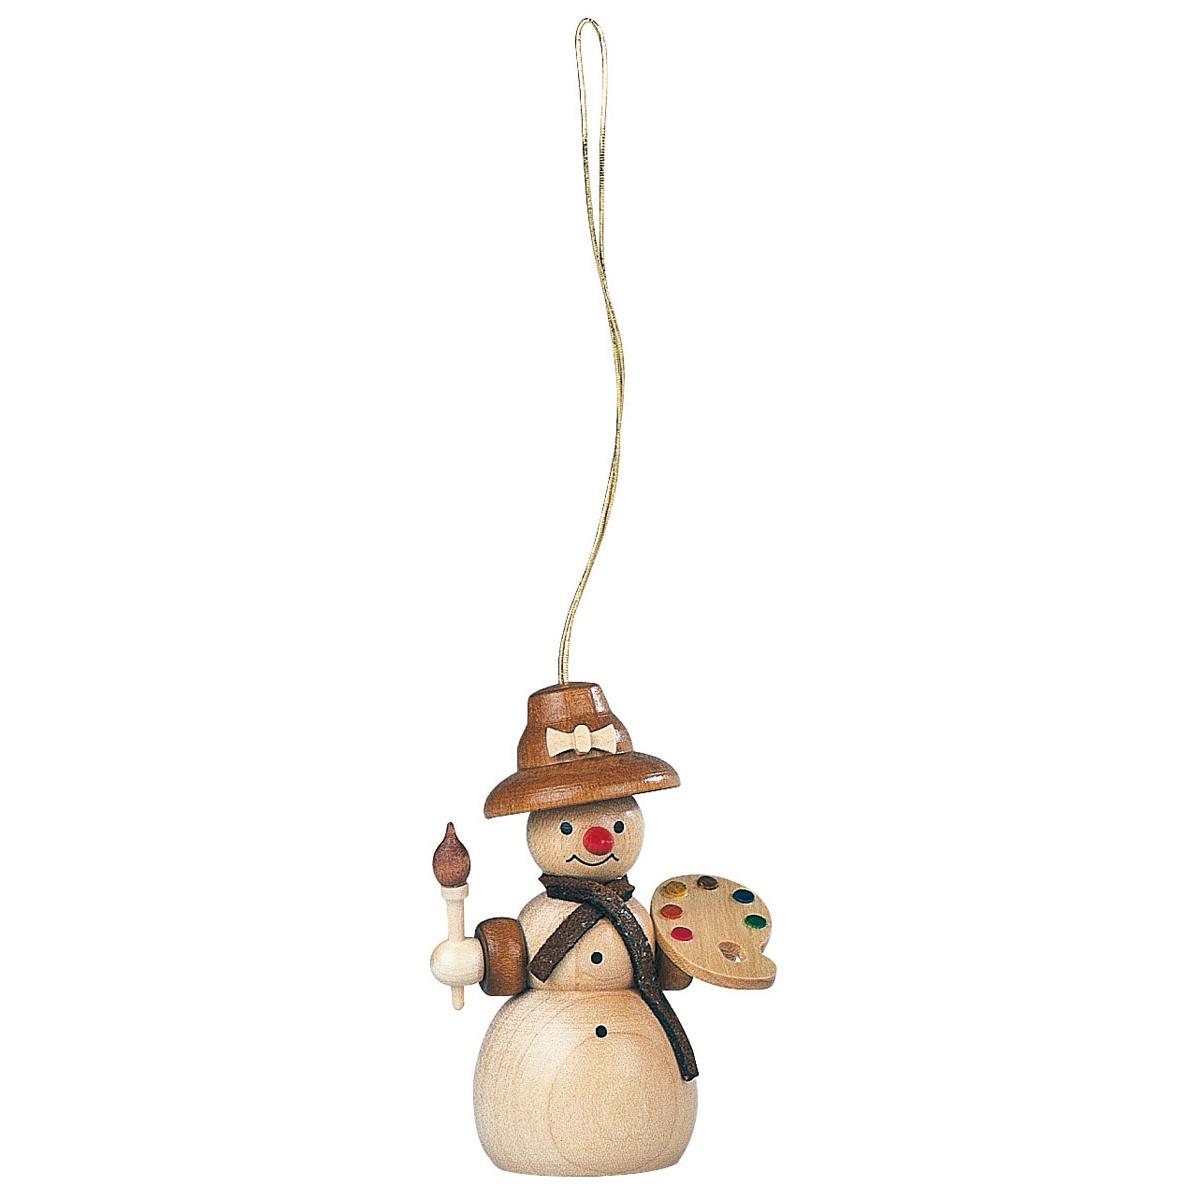 Baumbehang schneefrau malerin natur von m ller kleinkunst - Weihnachtsdeko figuren ...